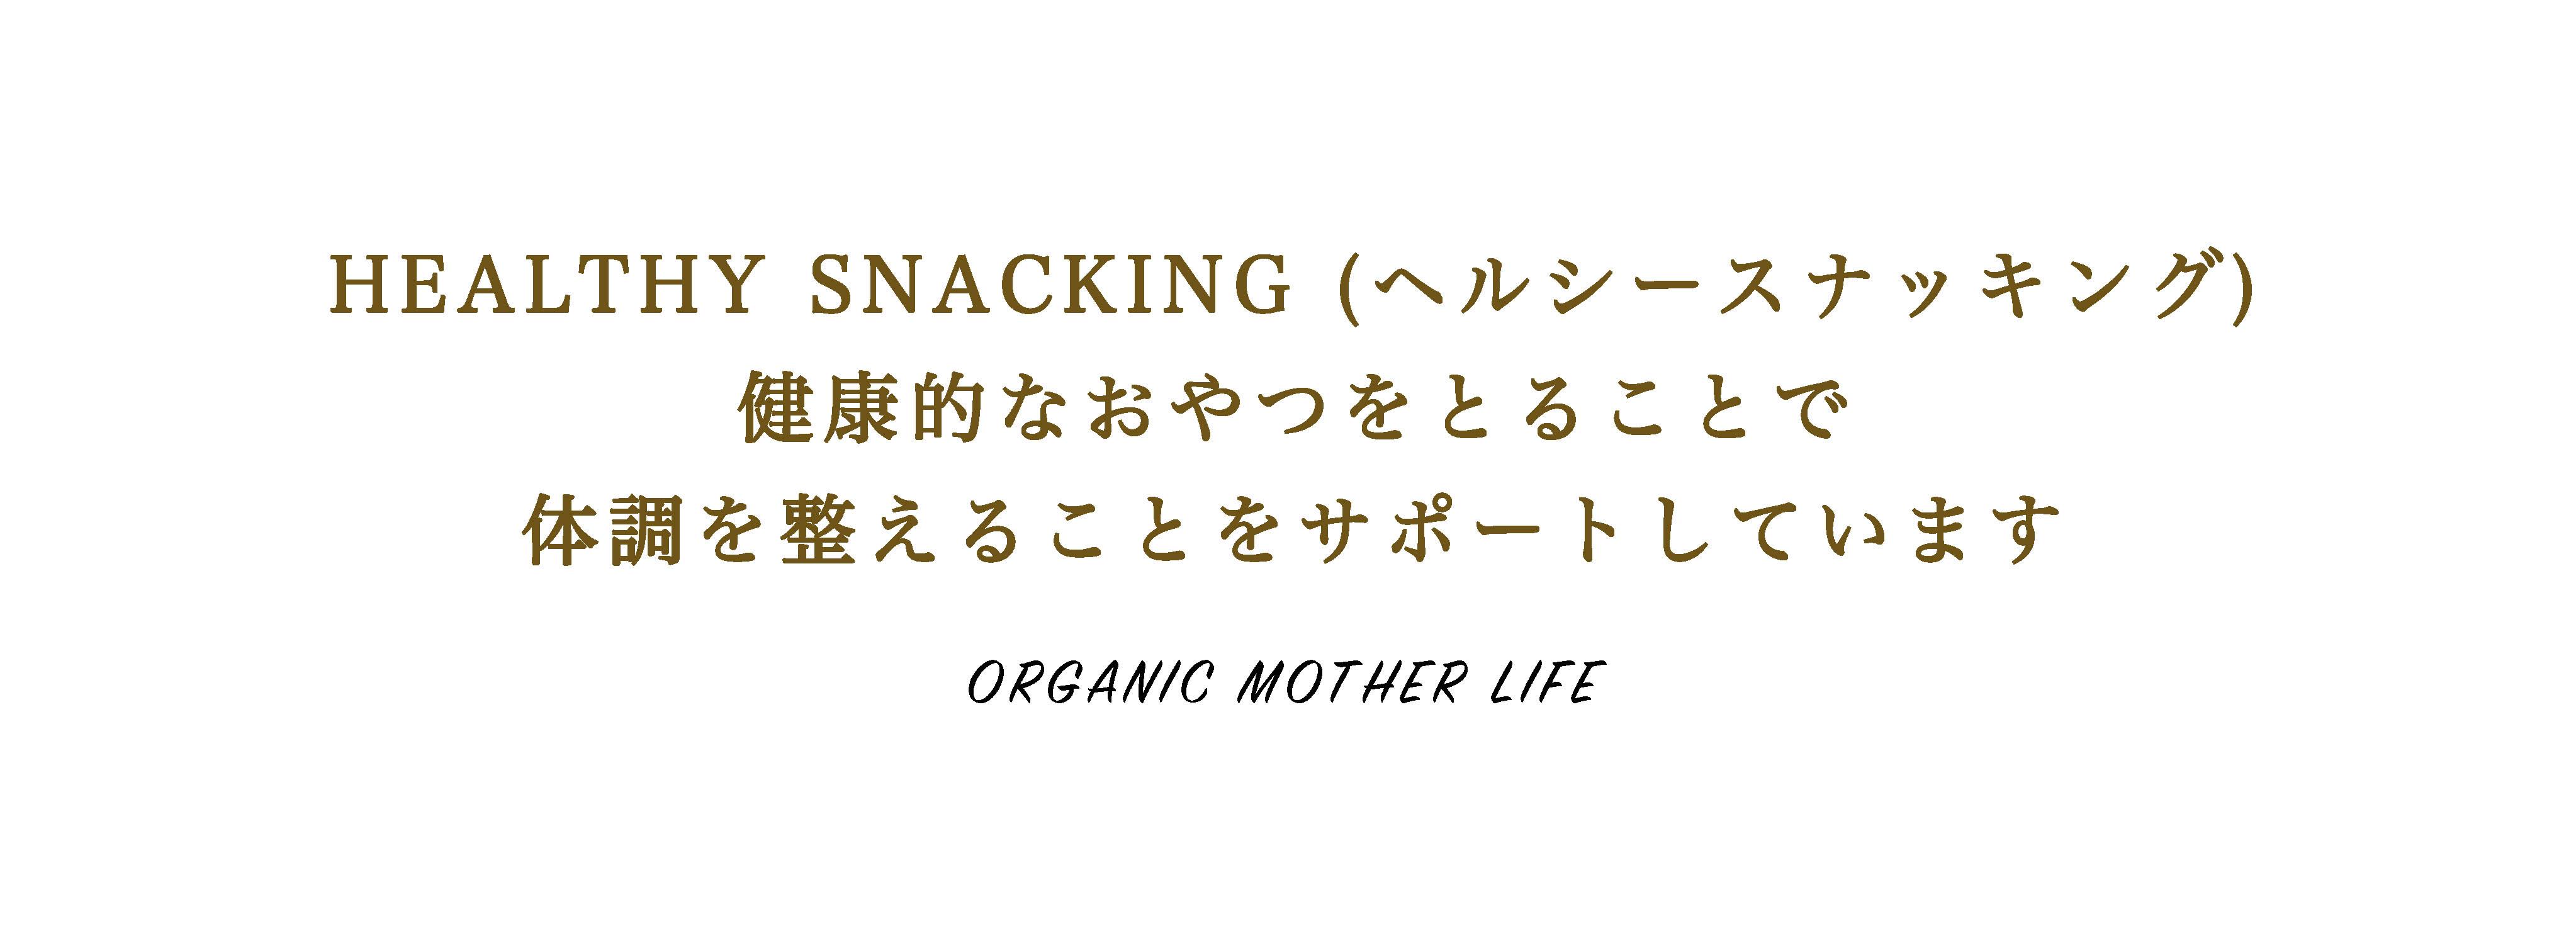 オーガニックマザーライフ福利厚生6